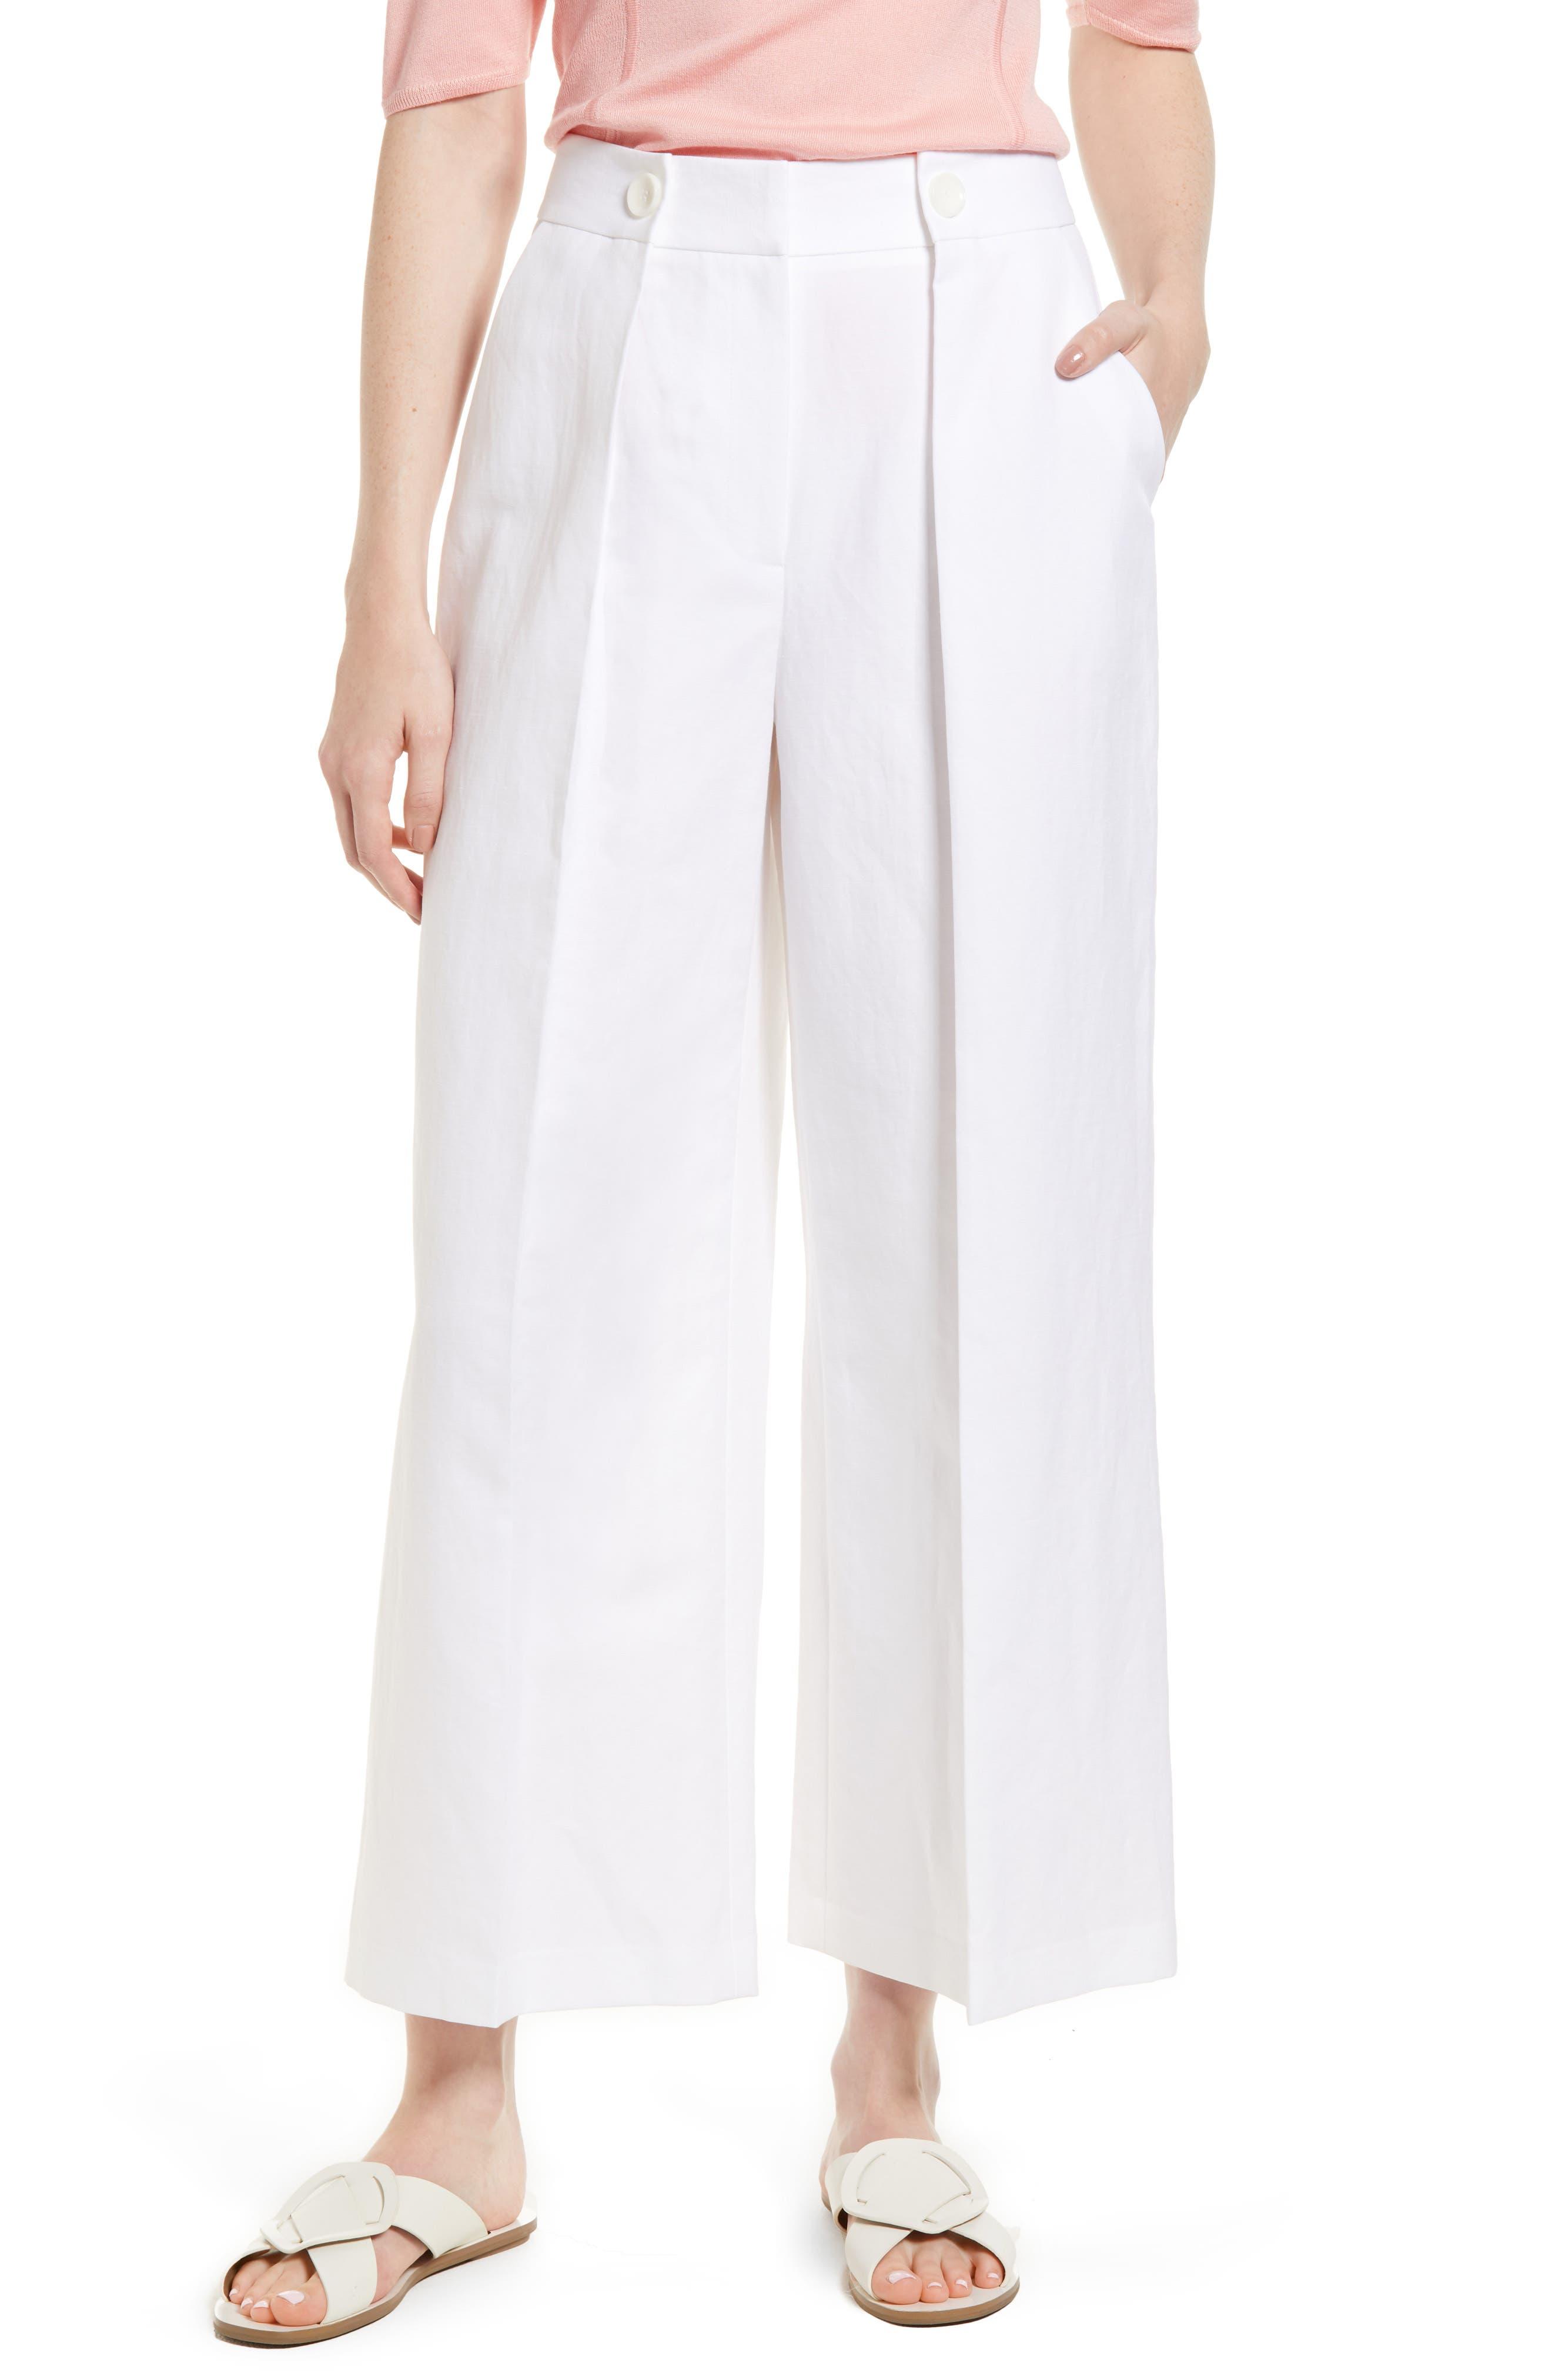 Lewit Pleated Wide Leg Linen & Cotton Pants